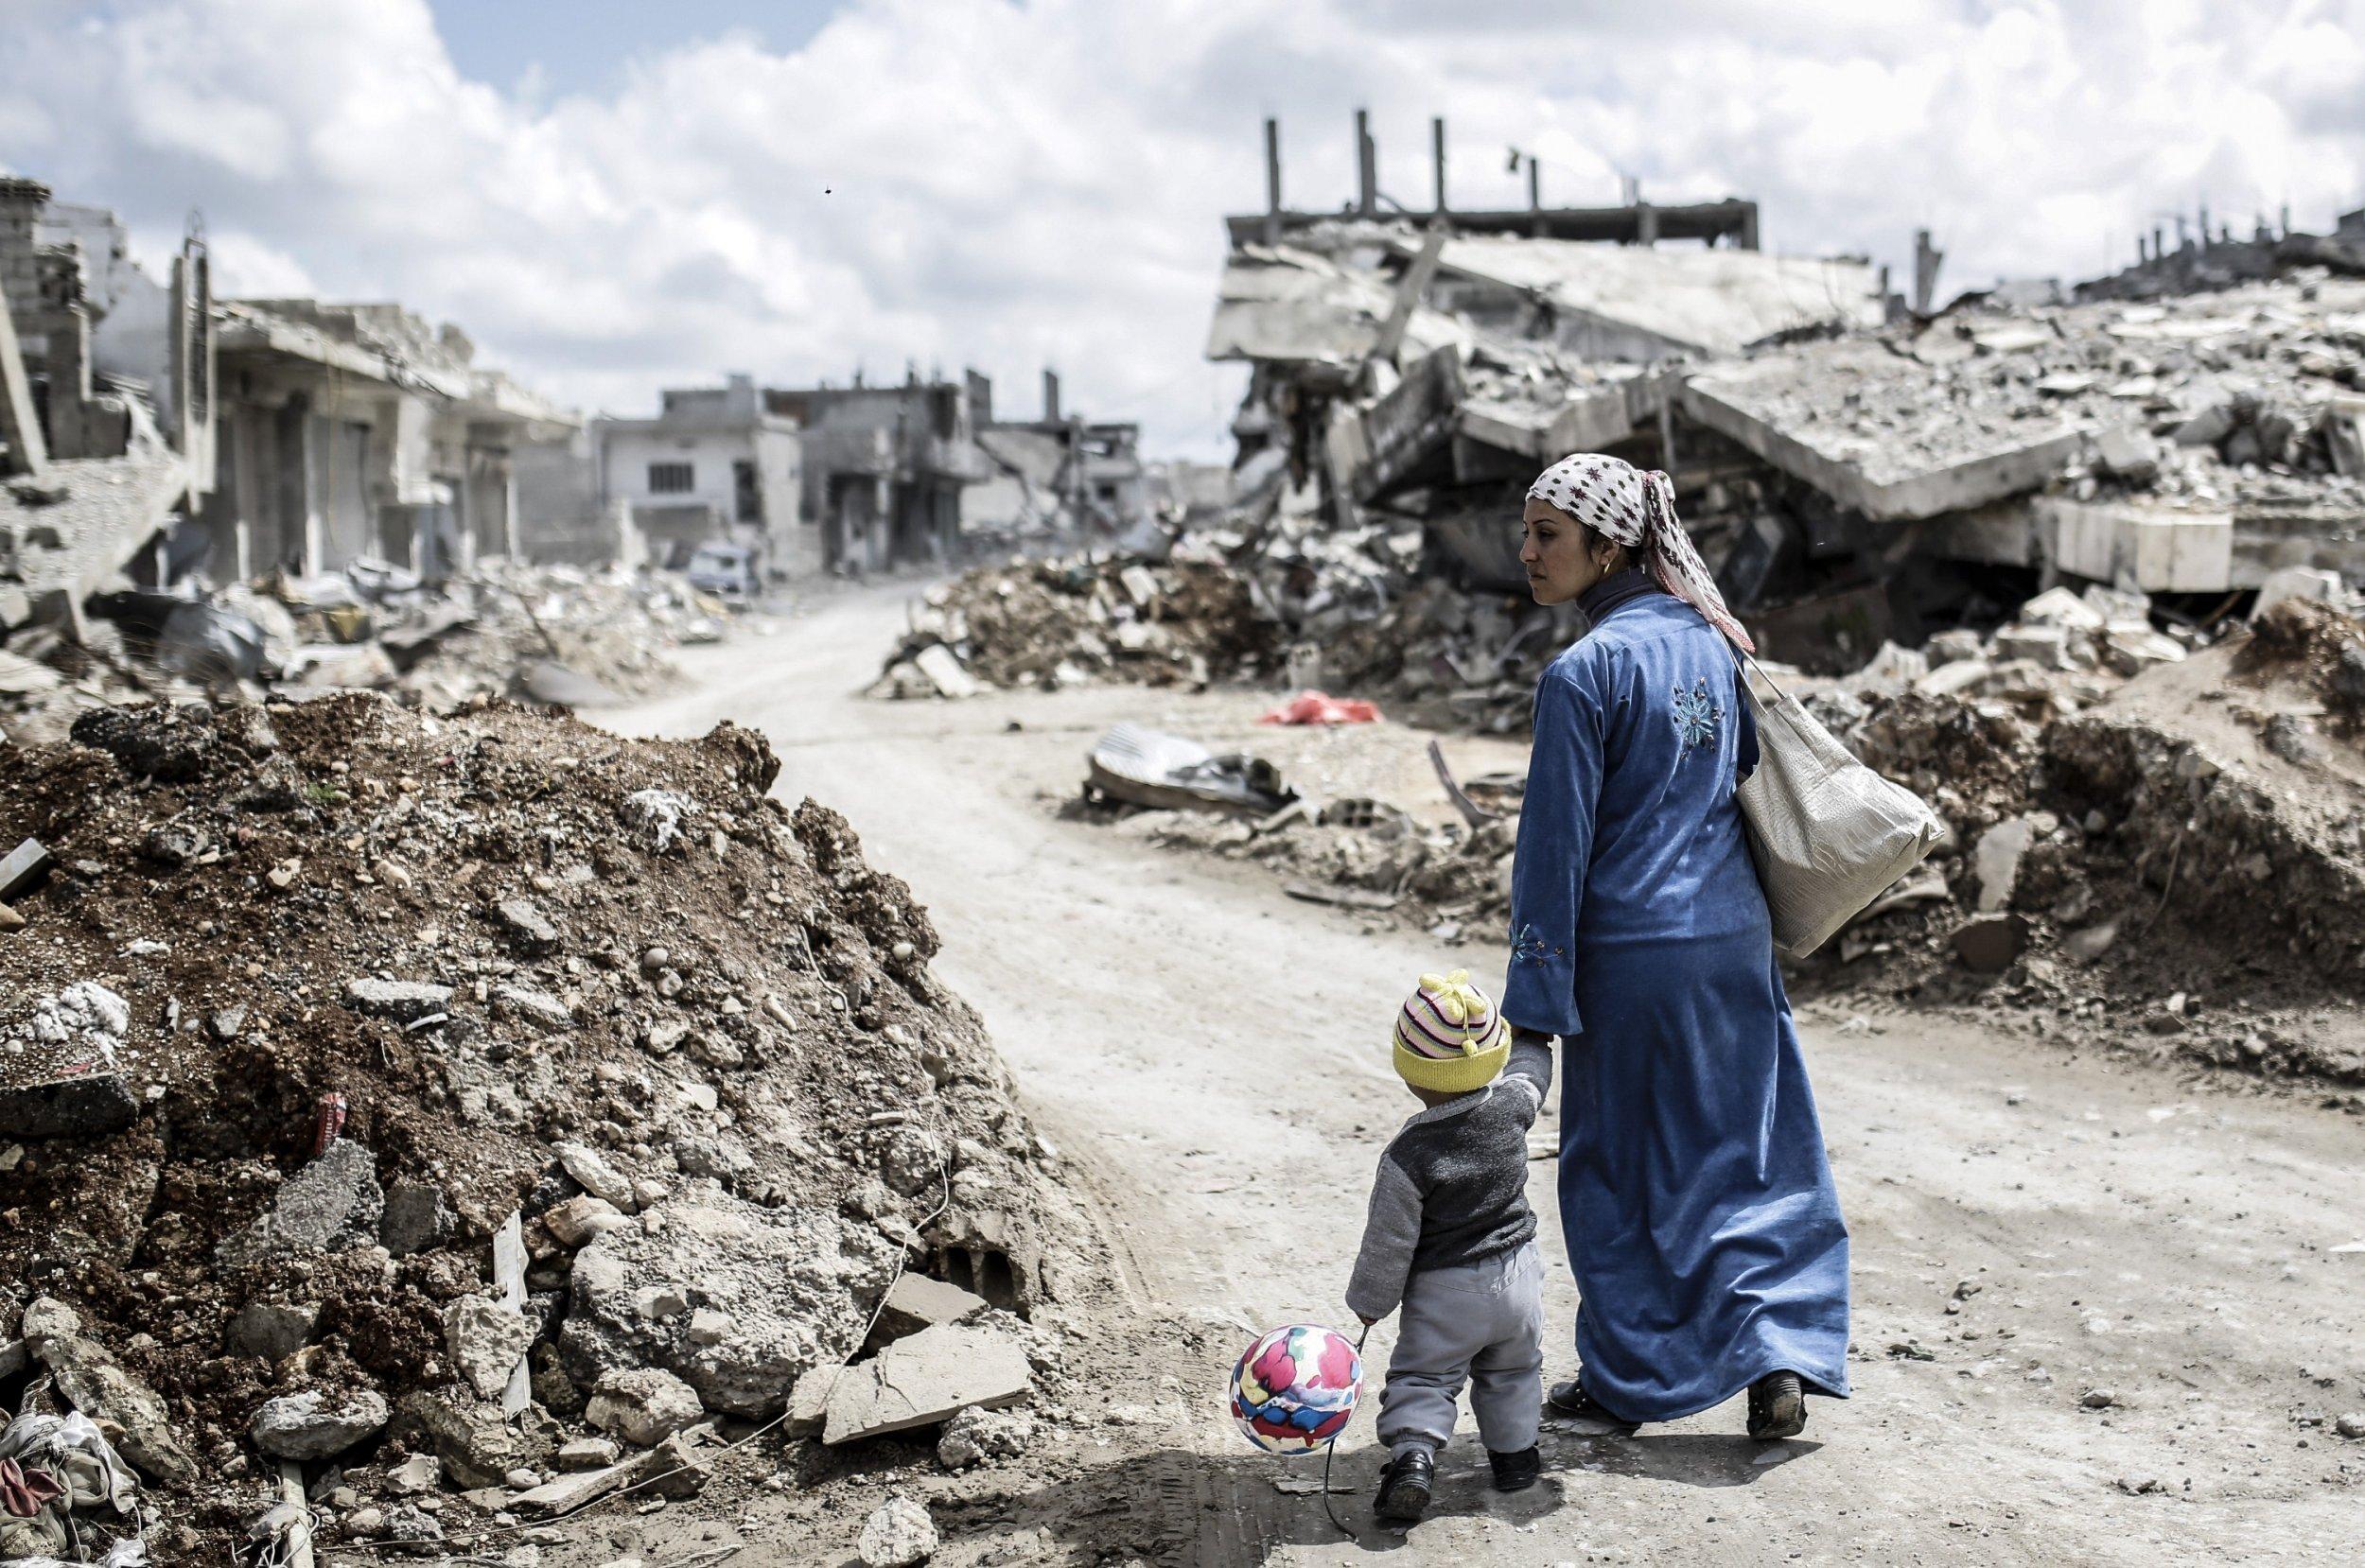 AZ ENSZ-BEN MEGTILTOTTÁK A SZÍRIAI GAZDASÁG HELYREÁLLÍTÁSÁBAN NYÚJTANDÓ SEGÍTSÉGET